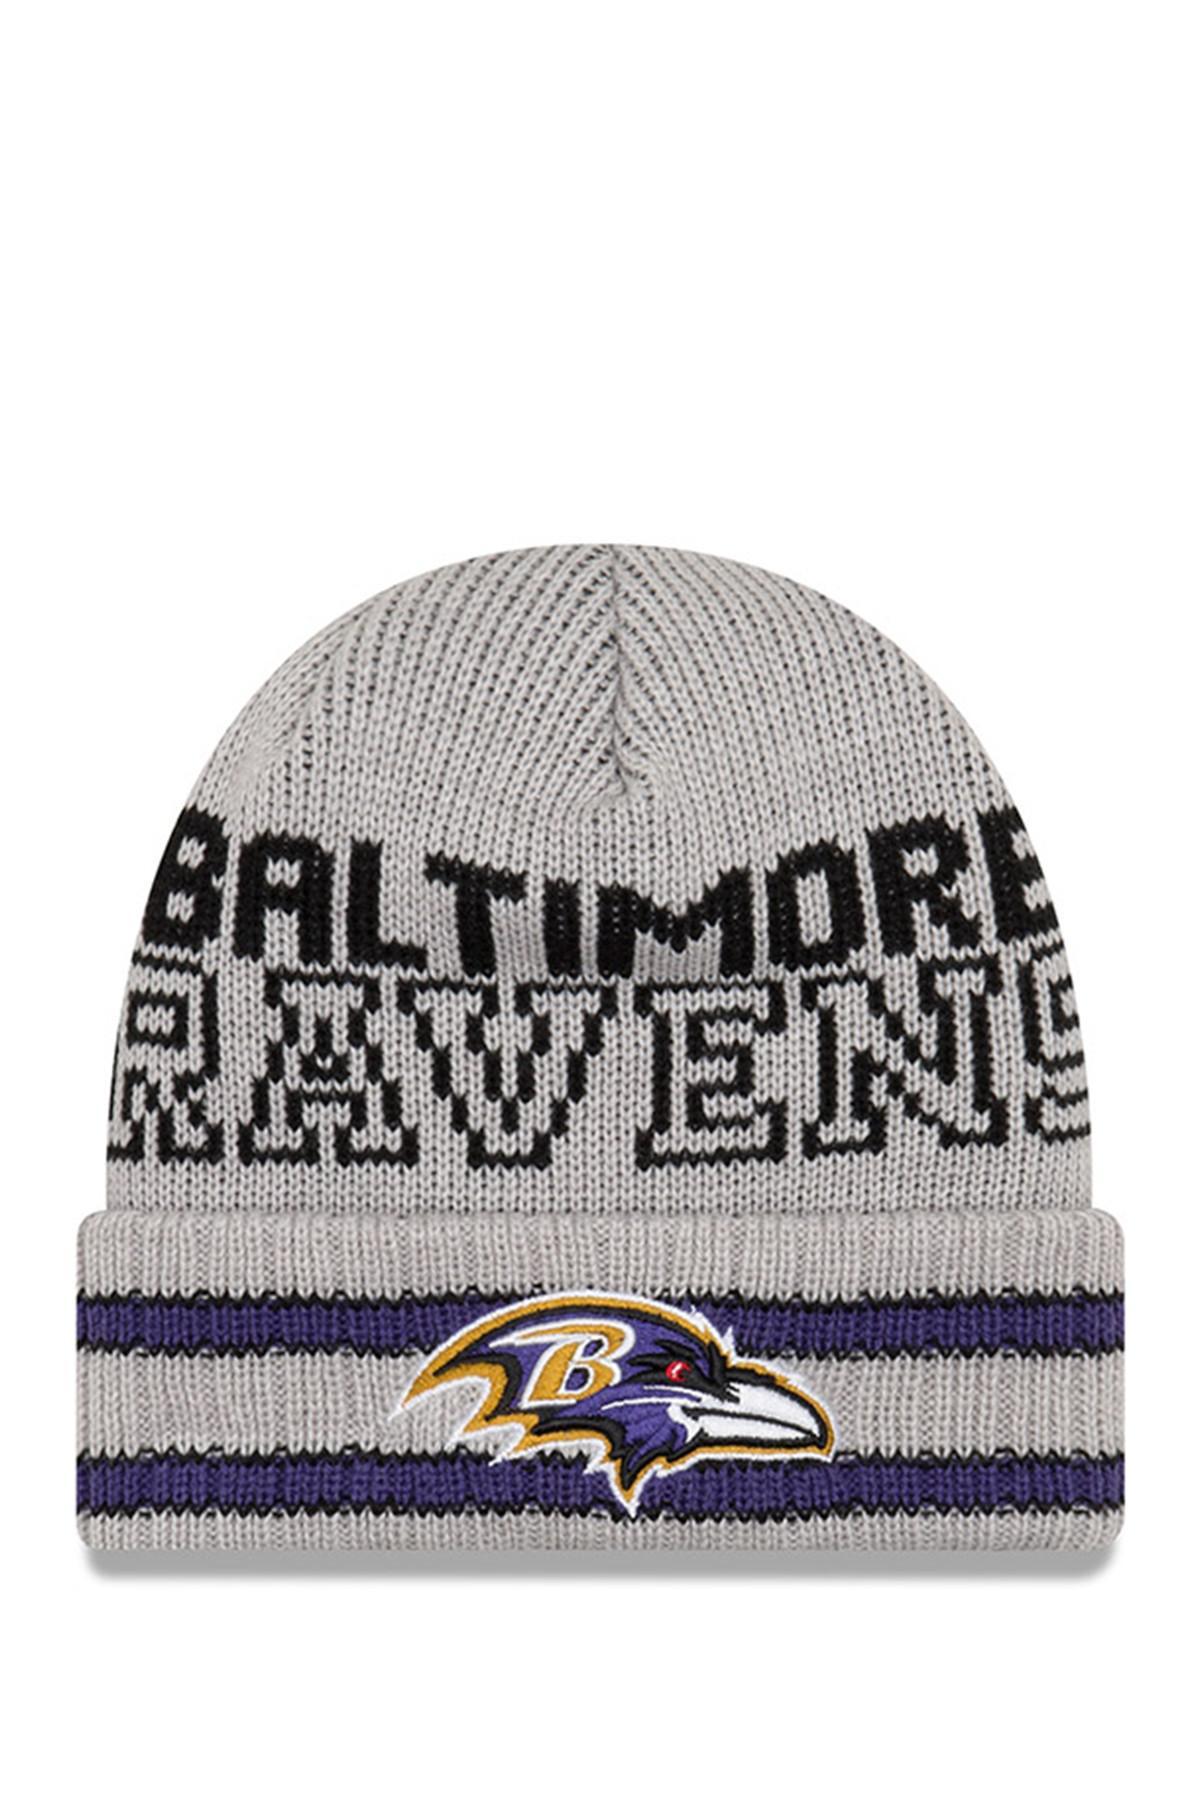 Lyst - Ktz Nfl Baltimore Ravens Crisp   Cozy Beanie in Gray for Men dd403db8b